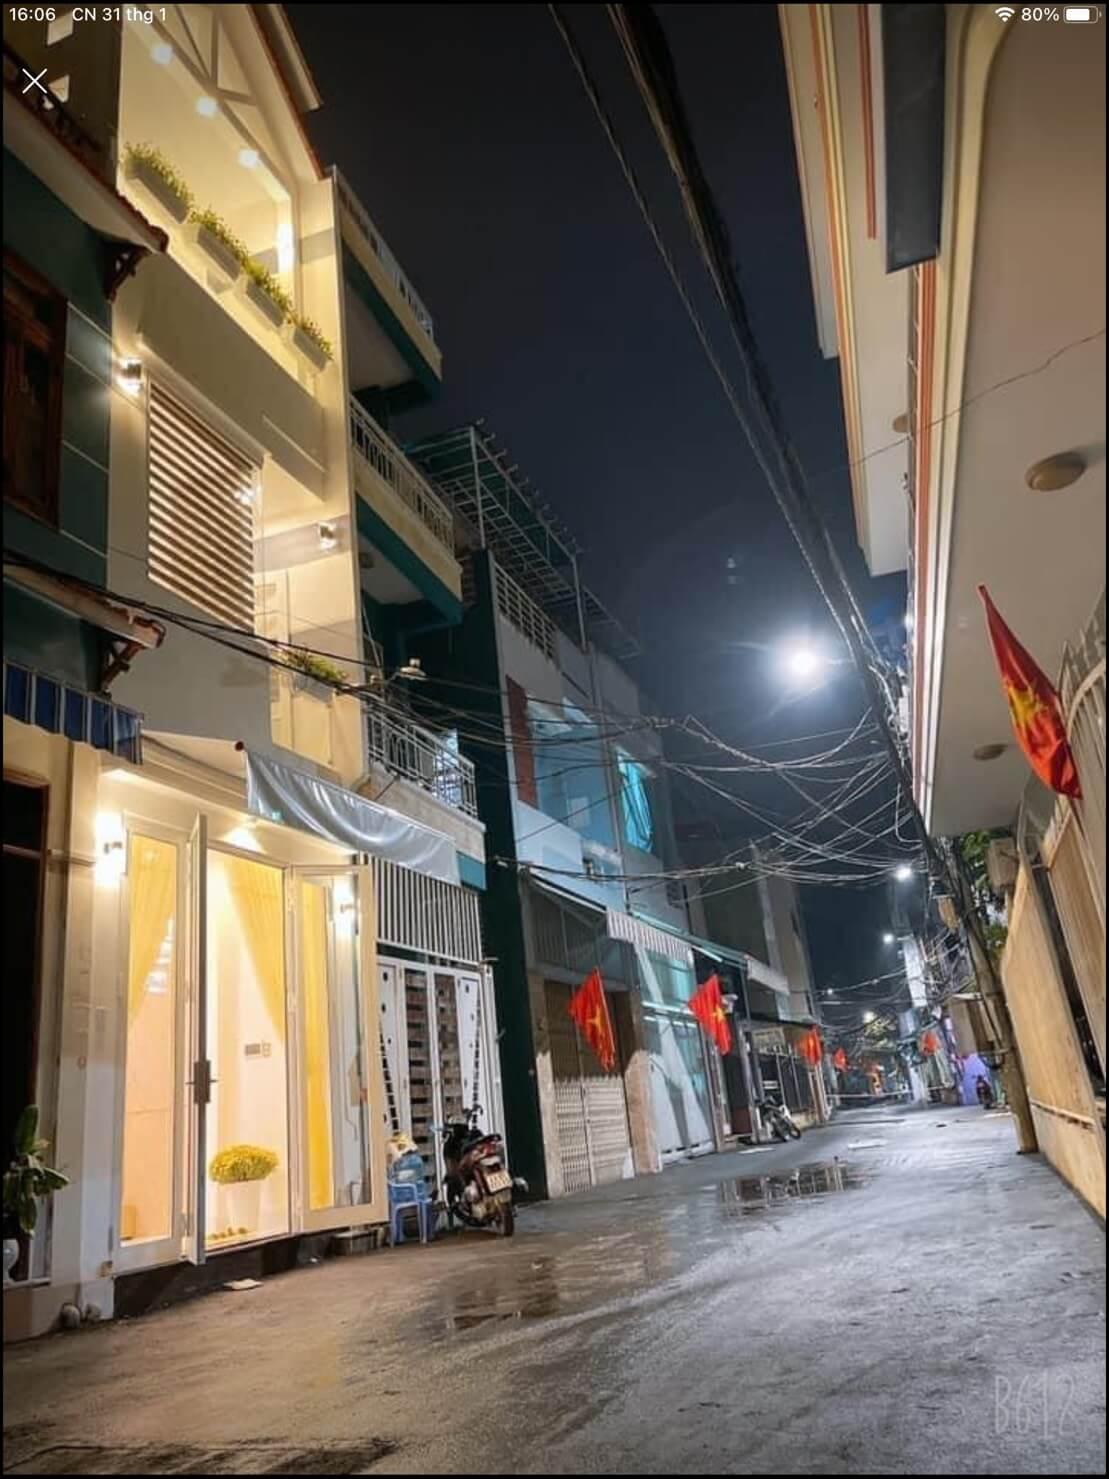 nhà đường Hàn Mạc Tử